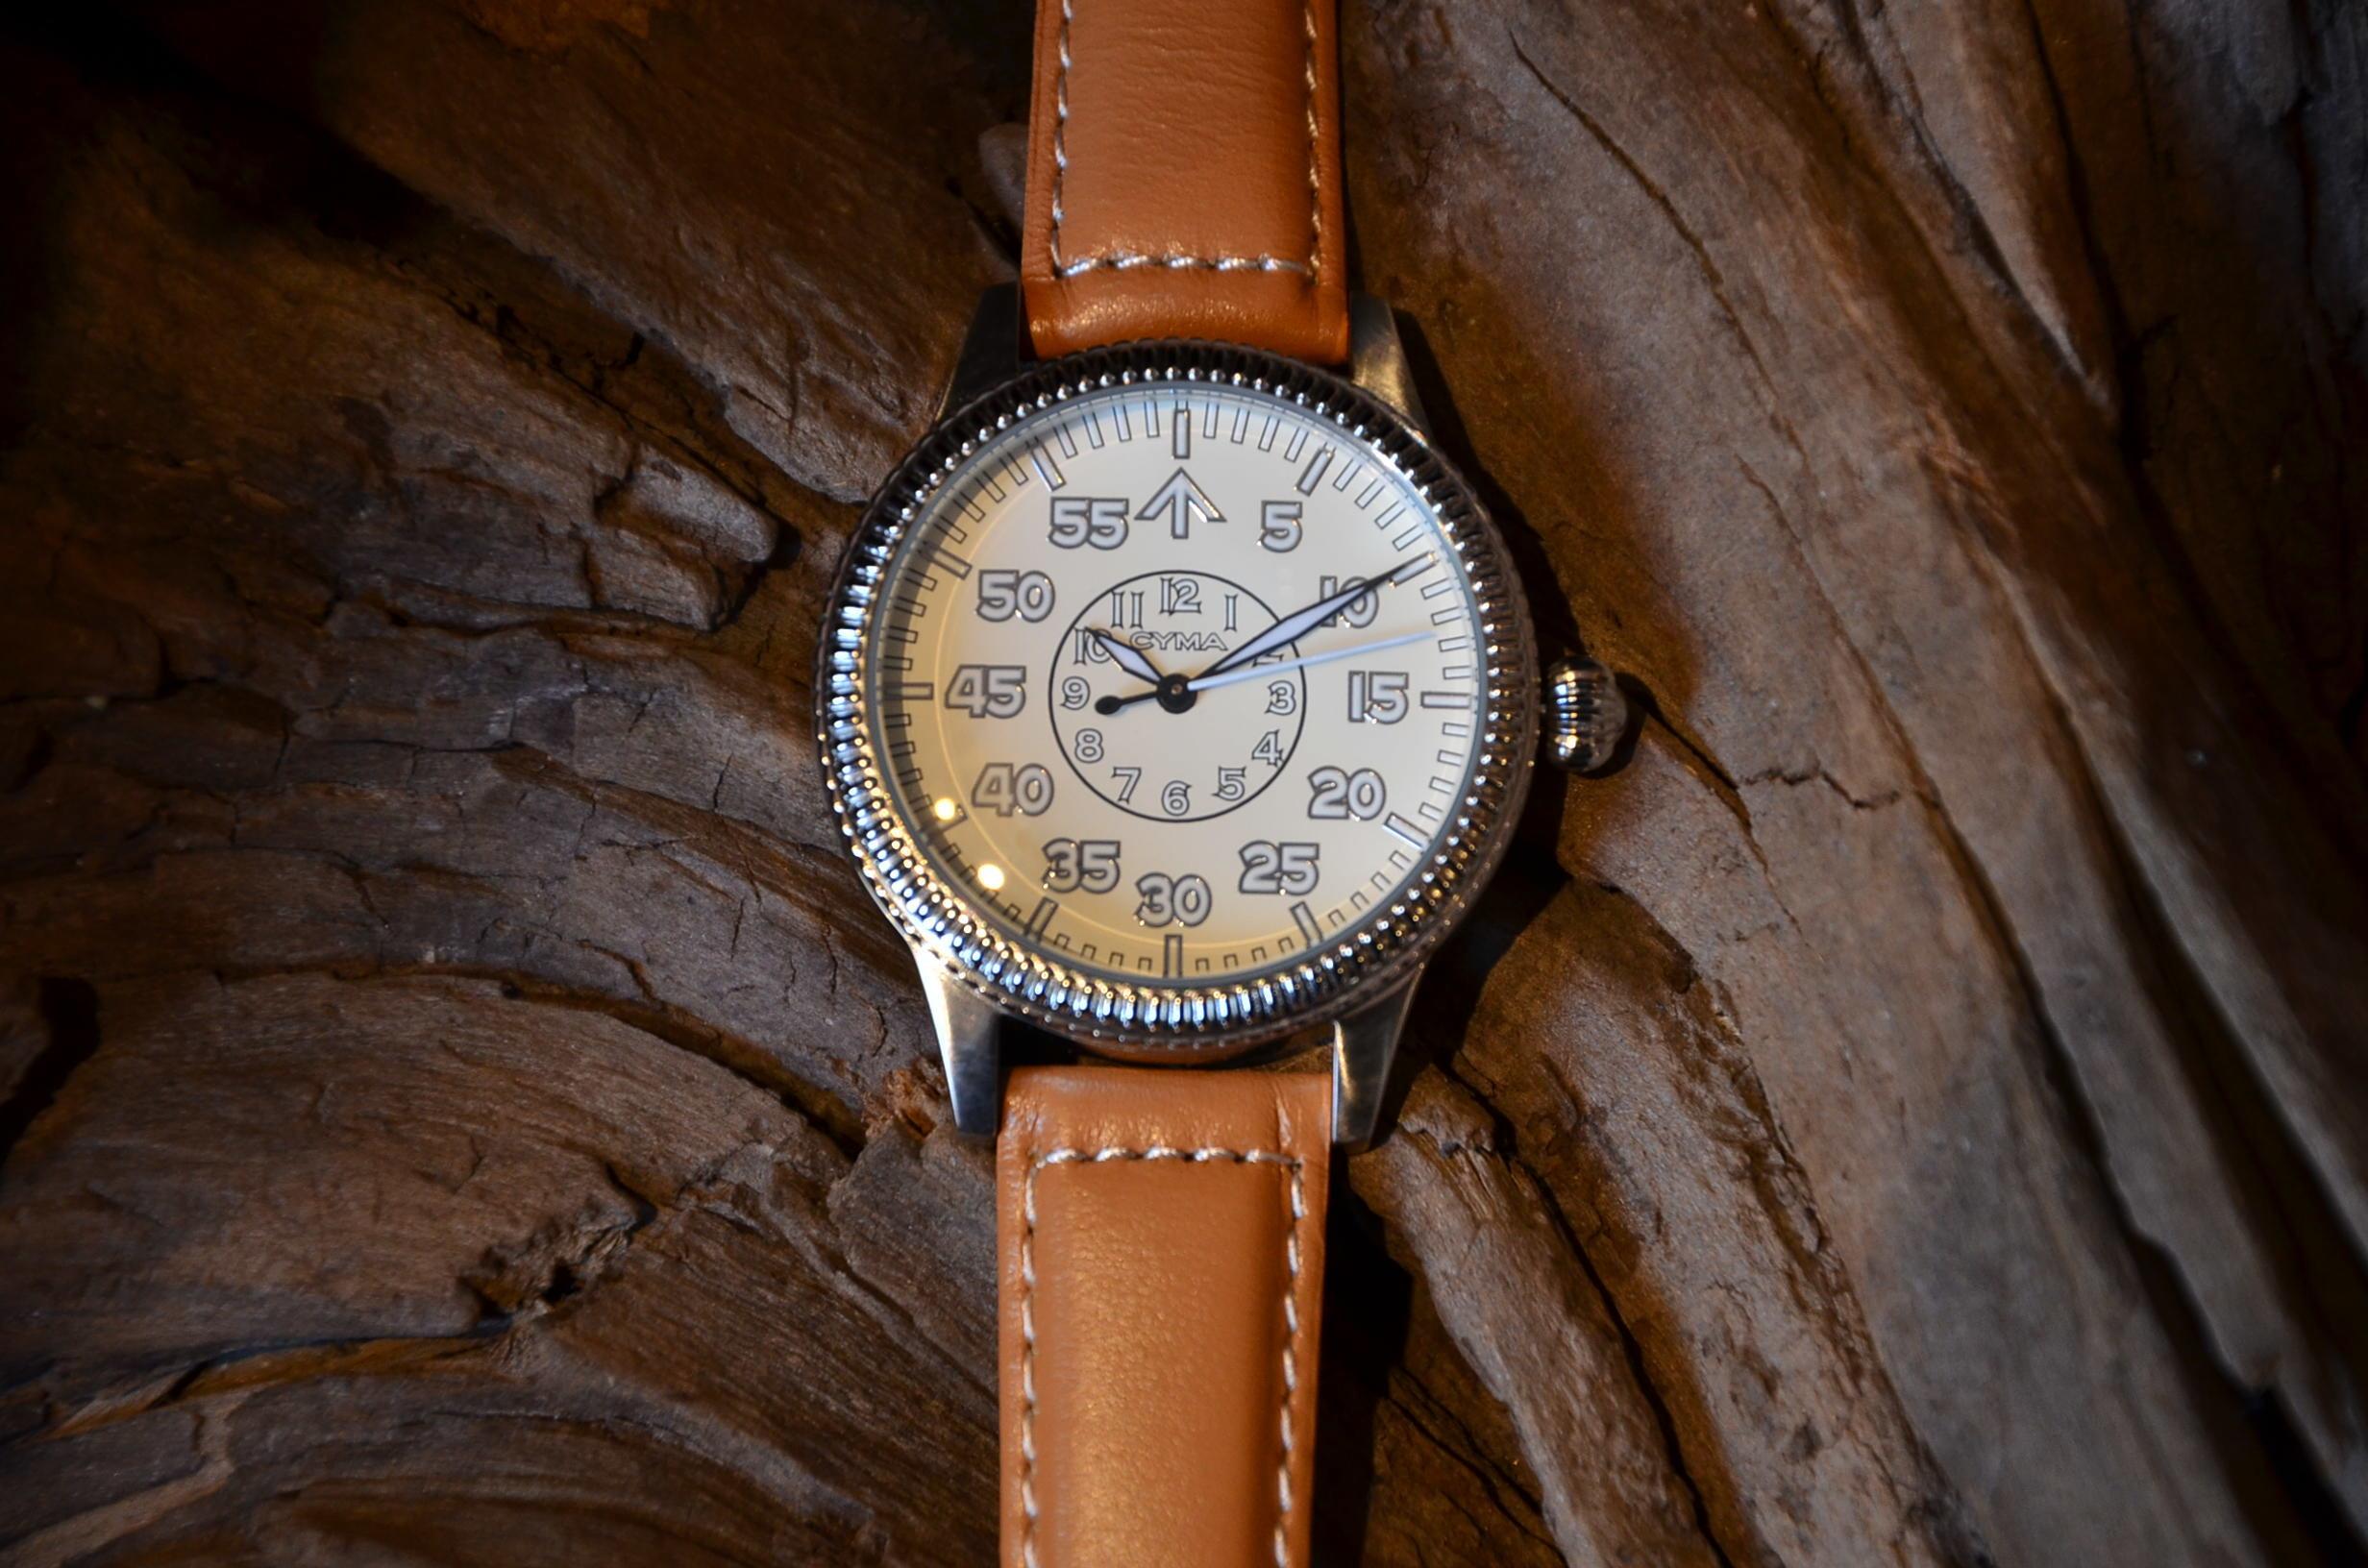 クリスマスギフトにも最適な腕時計_c0167336_15374116.jpg